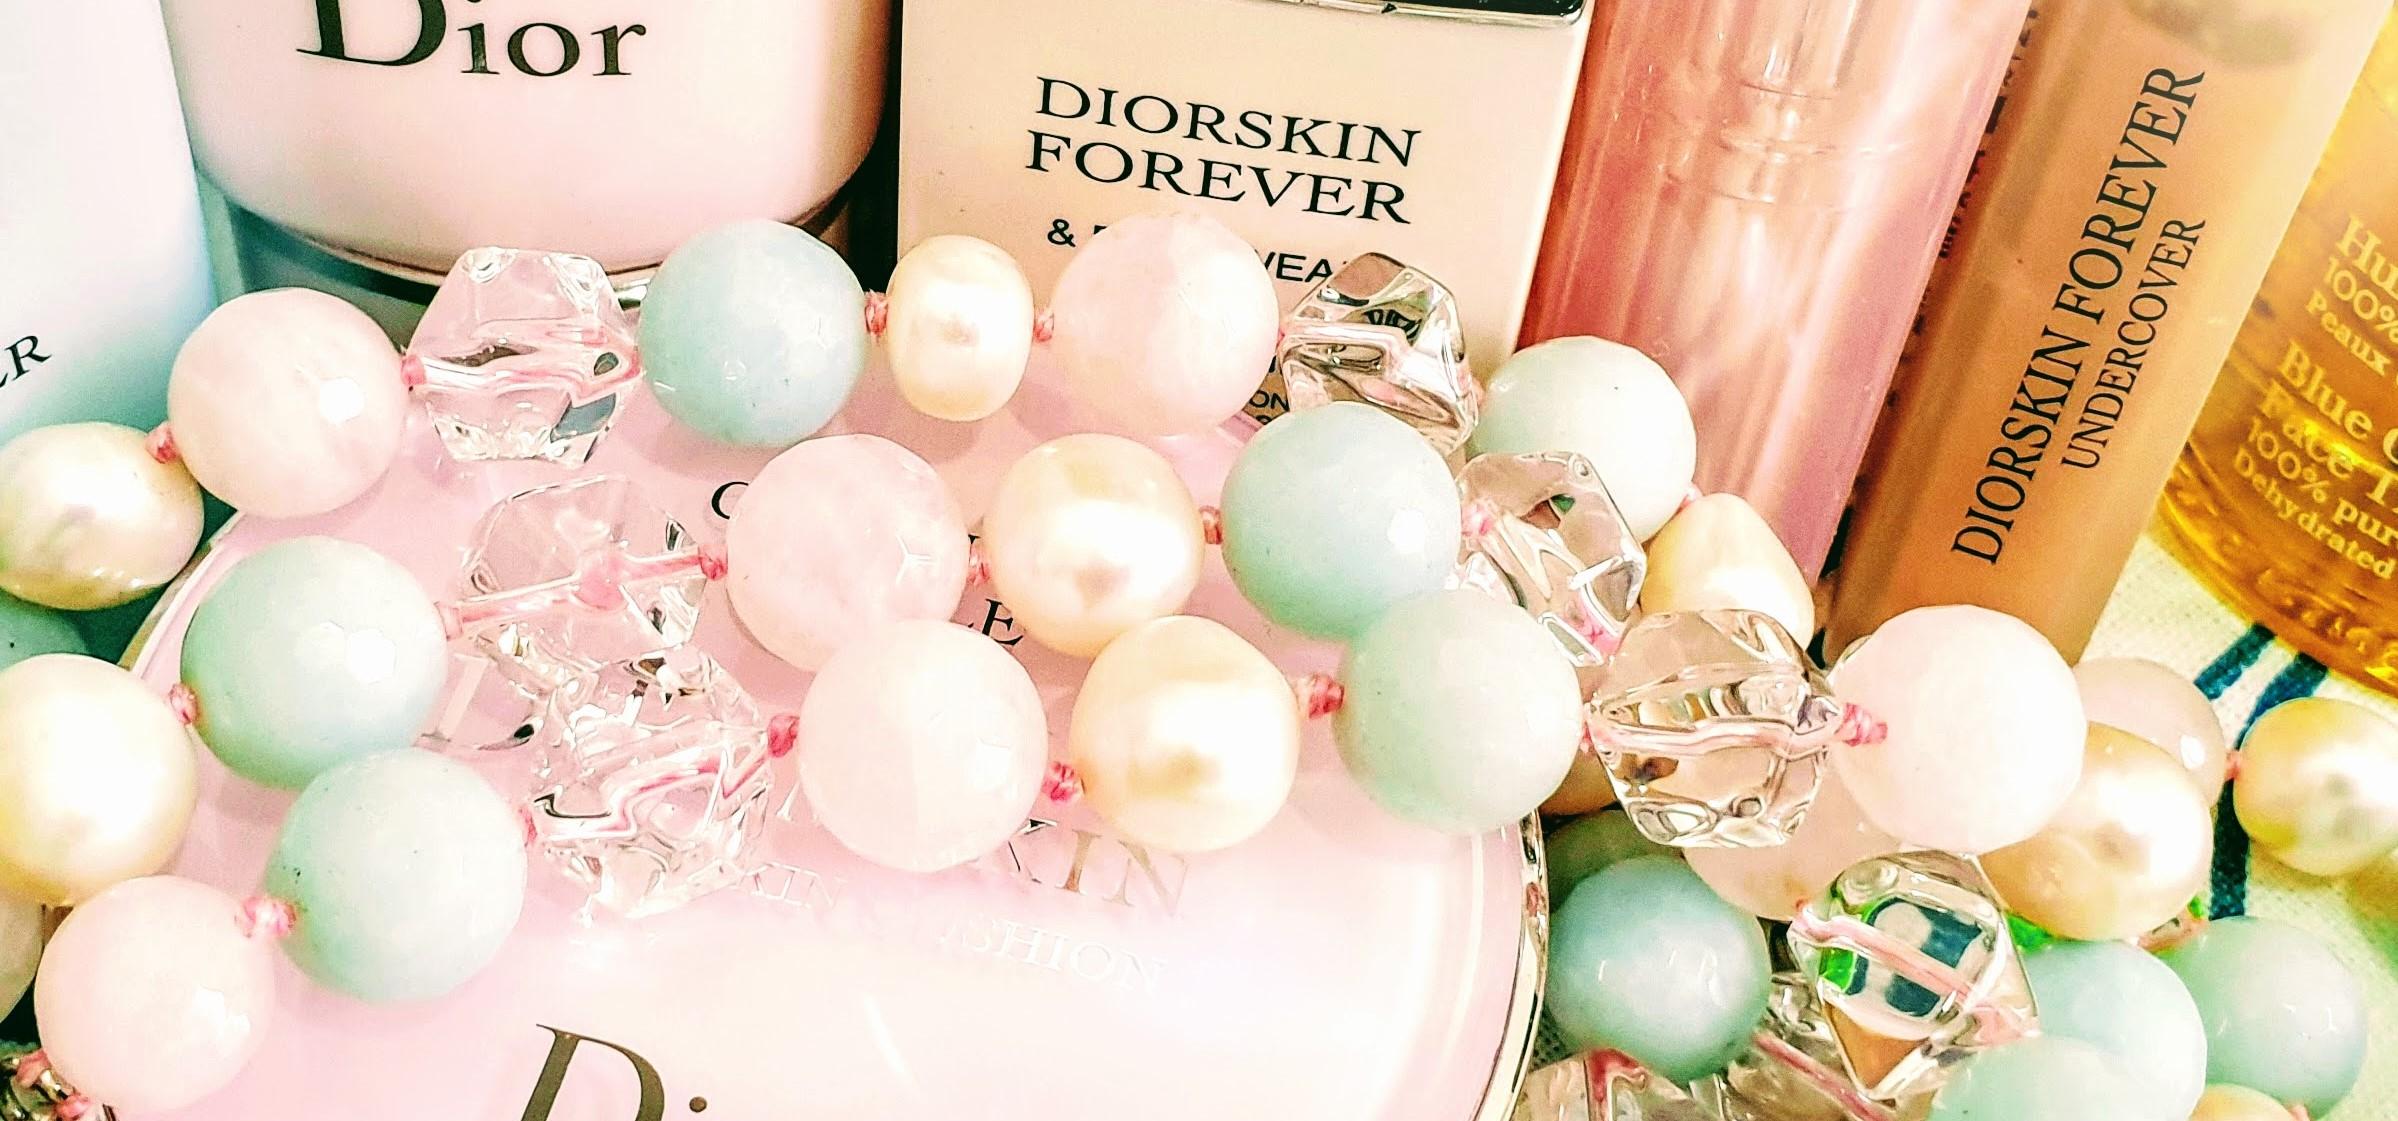 kosmetiikan suosikkilistani Dior Undercover kuvitus